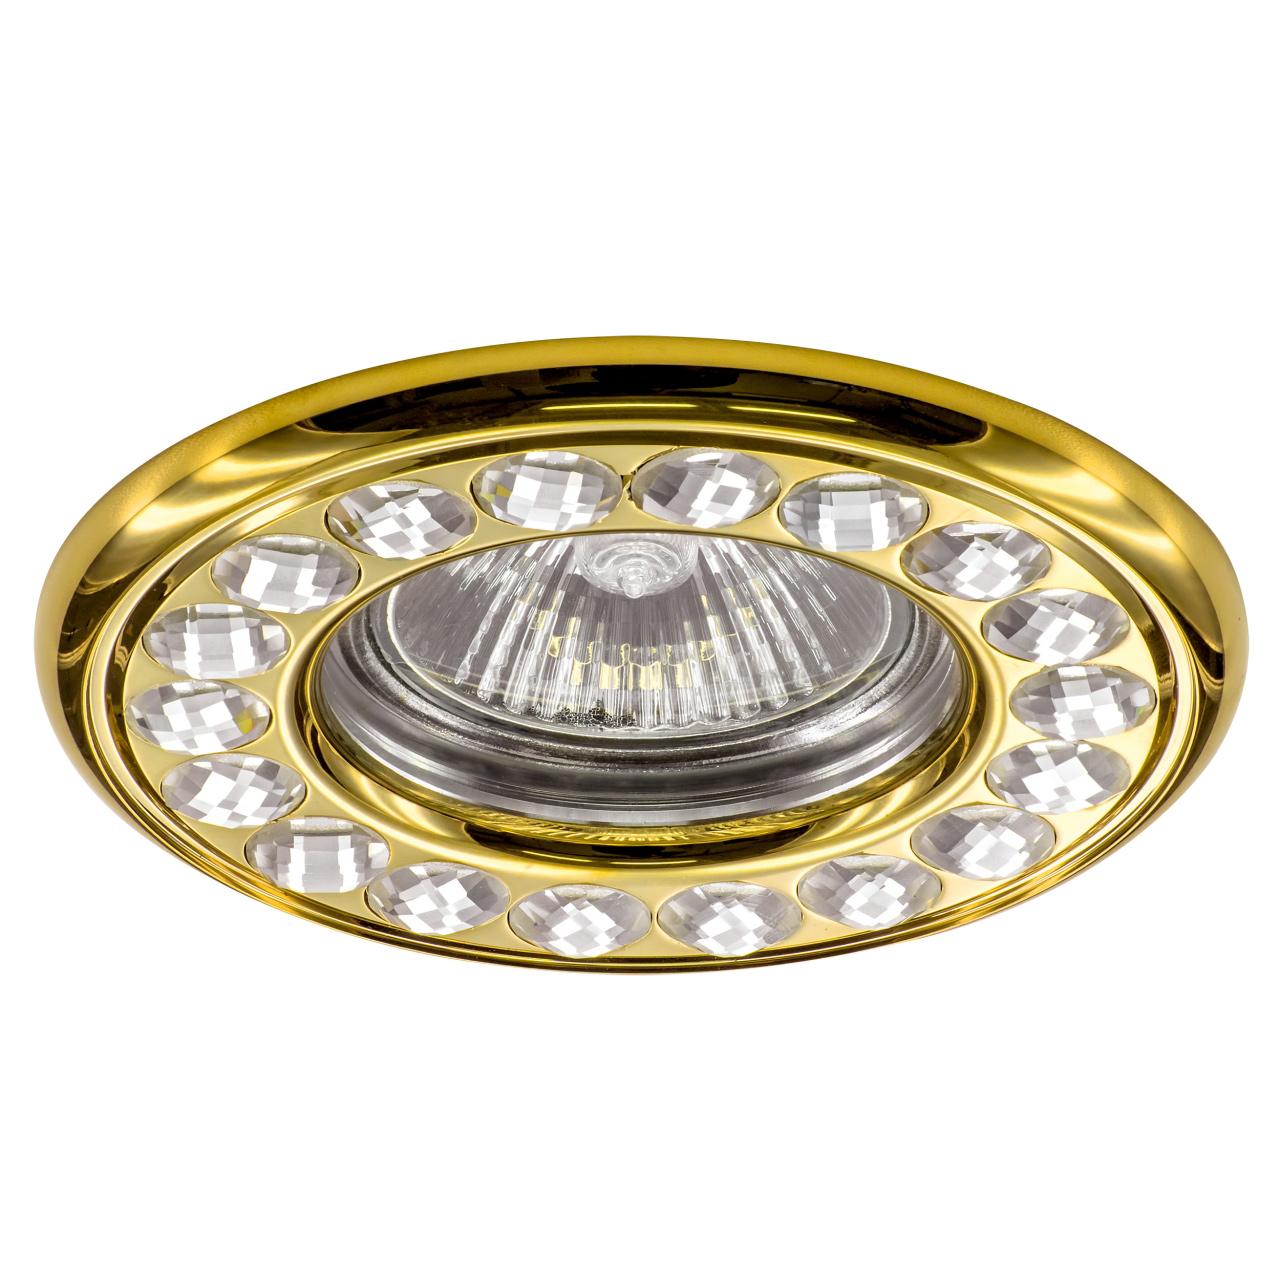 Светильник Miriade MR16 / HP16 золото Lightstar 011902